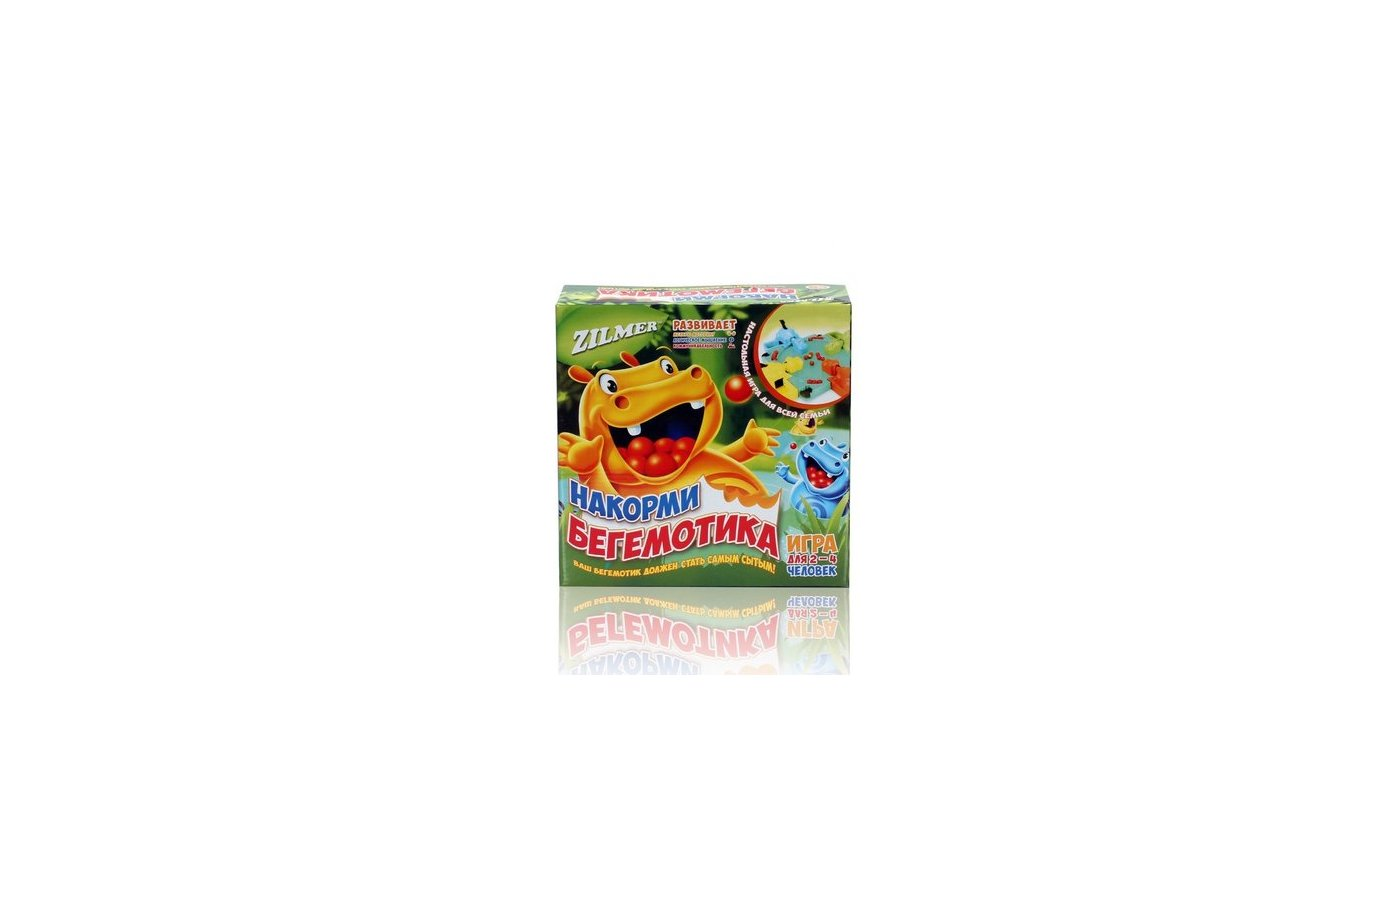 Настольная игра Zilmer ZIL0501-005 Игра для детей и всей семьи Накорми бегемотика